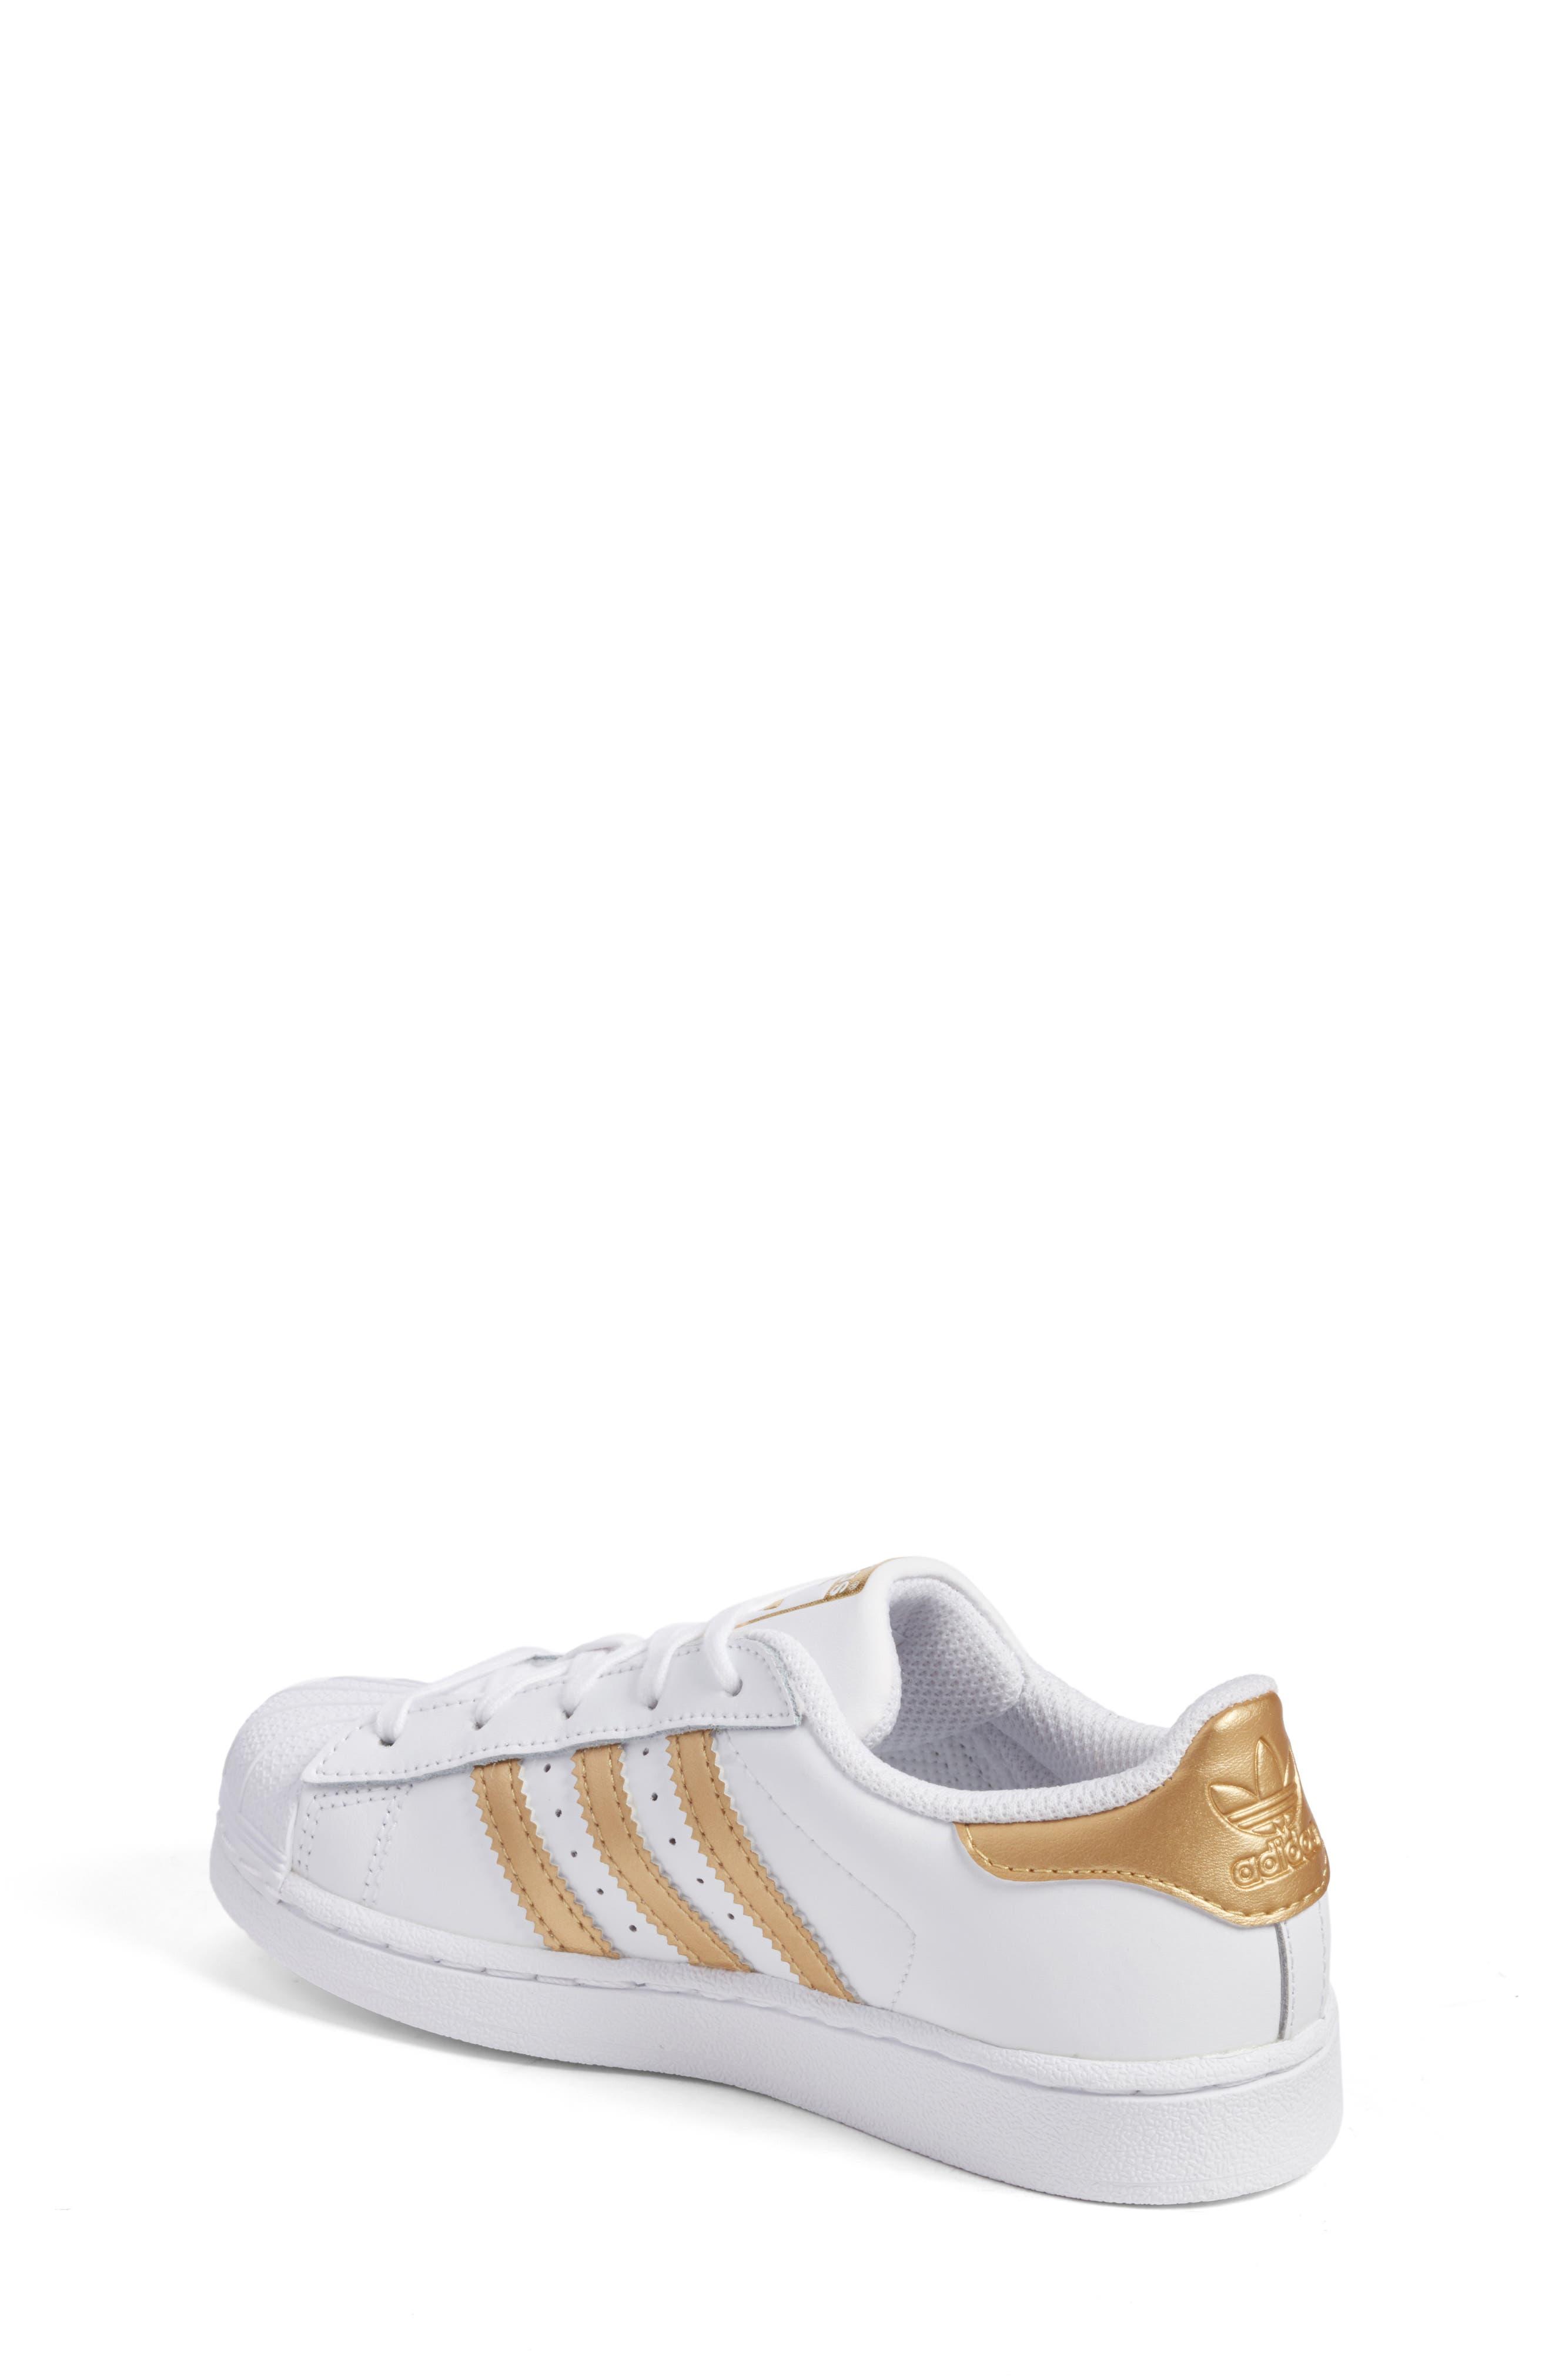 Superstar C Sneaker,                             Alternate thumbnail 2, color,                             100